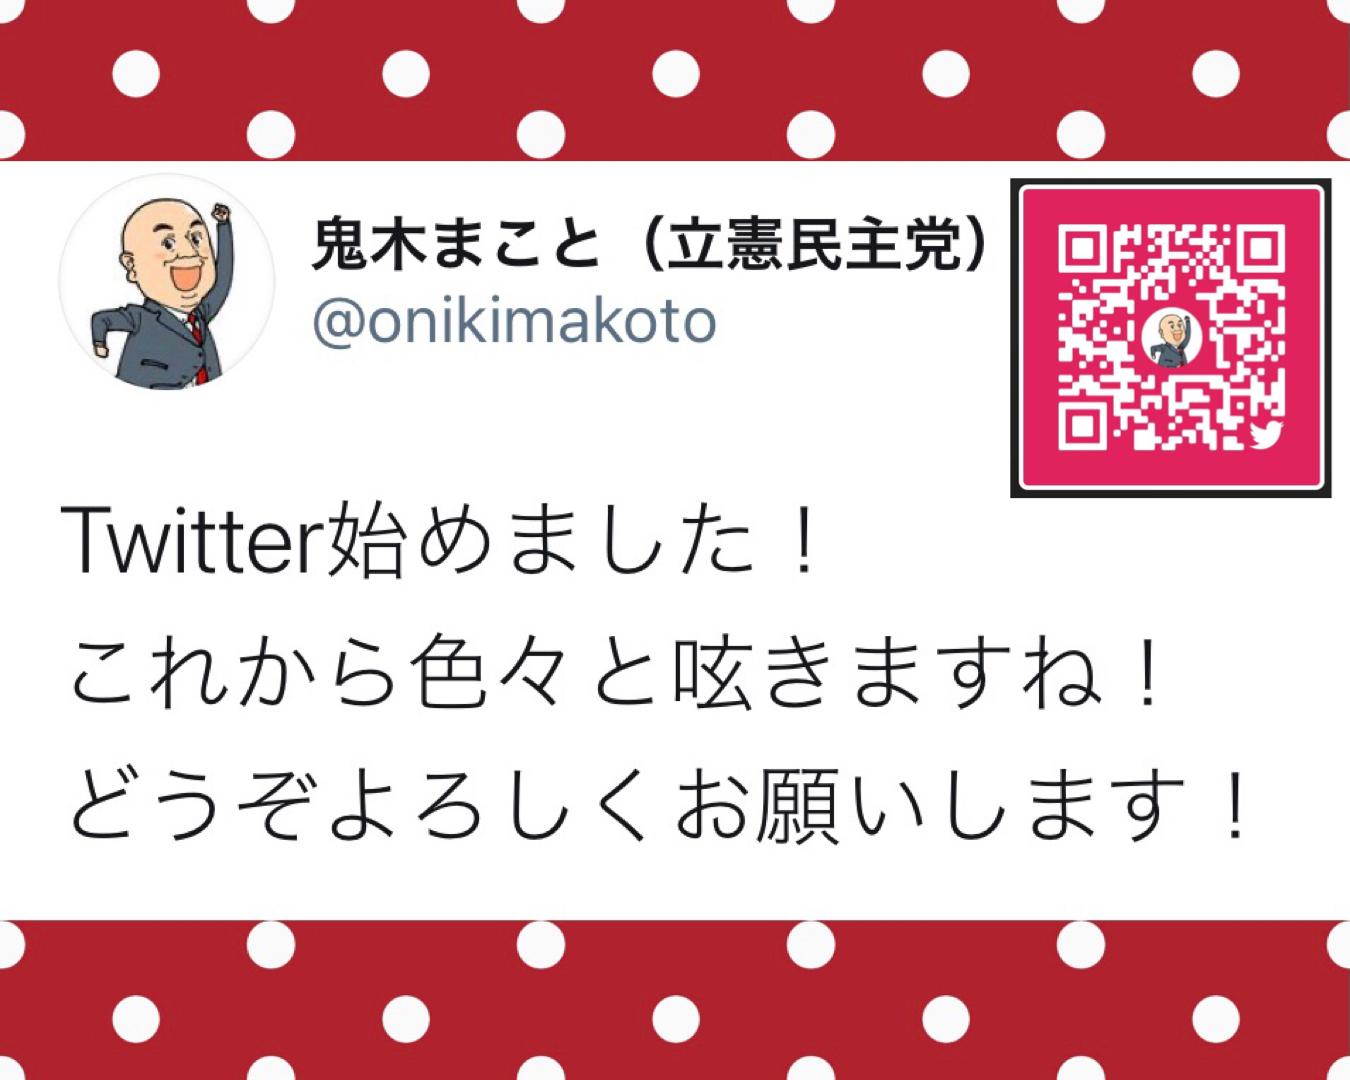 鬼木ツイッターも始動です!@onikimakoto=Twitterフォローお願いします。